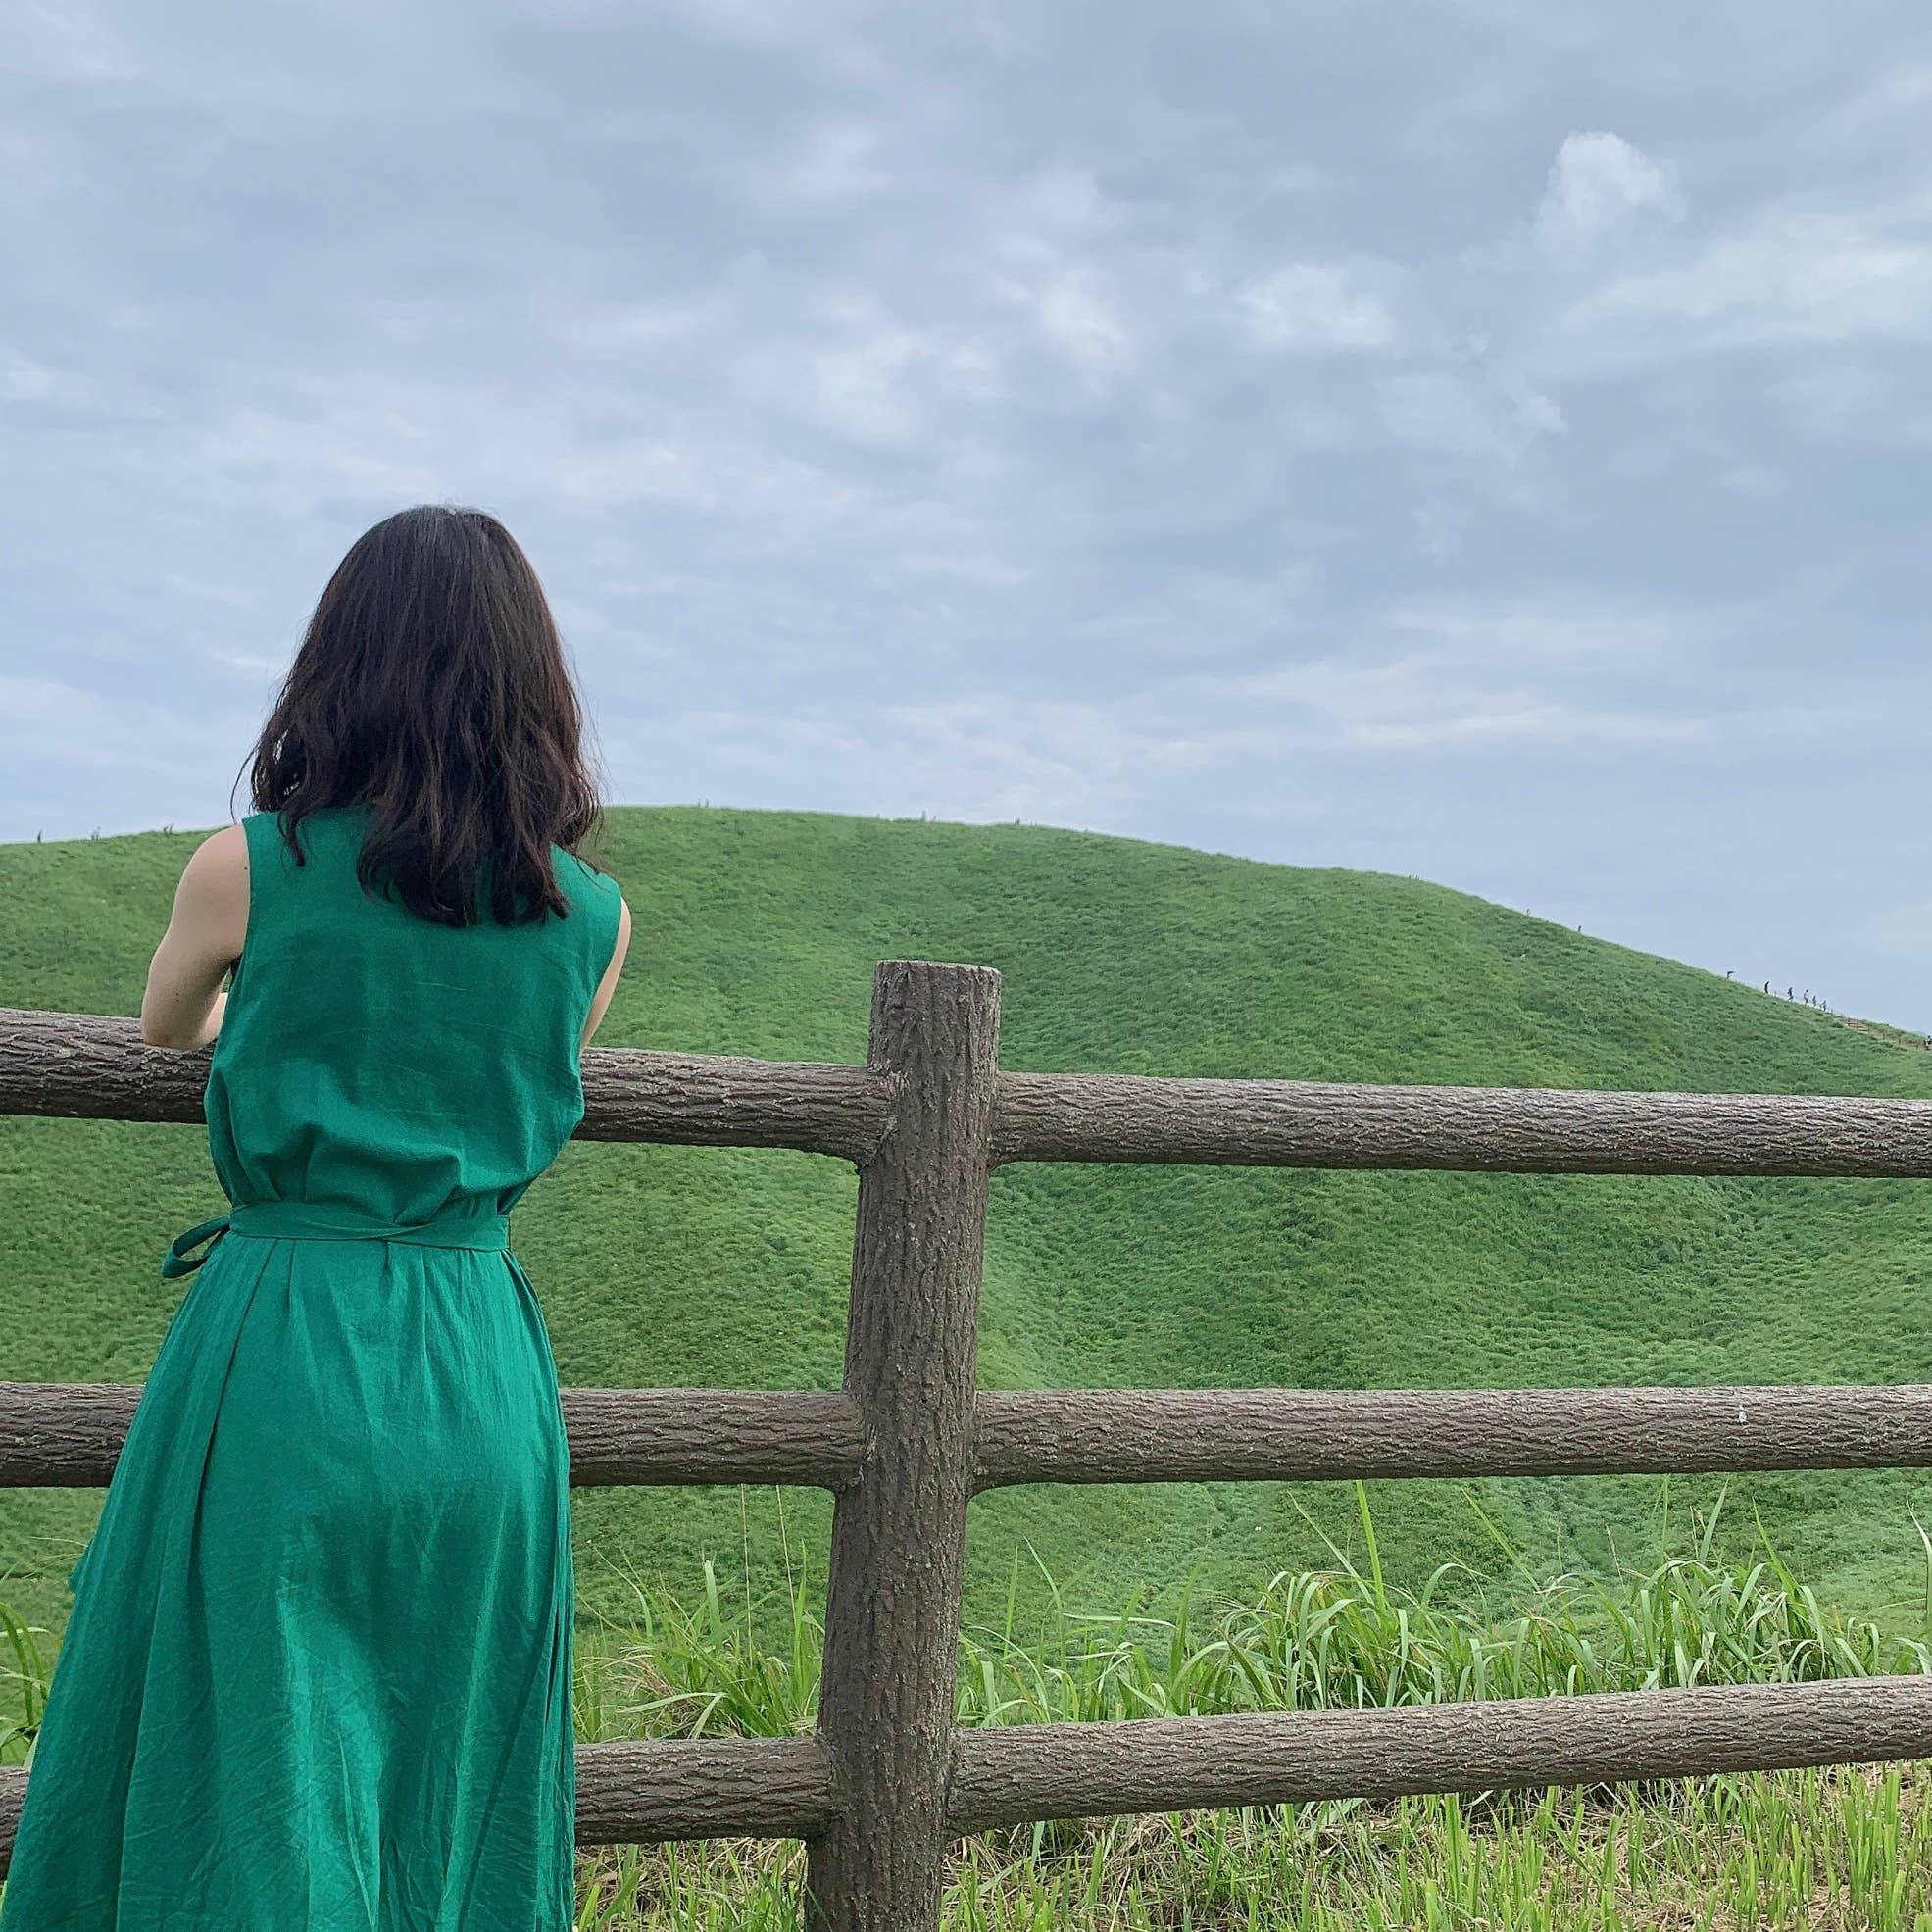 Yuna Shirai